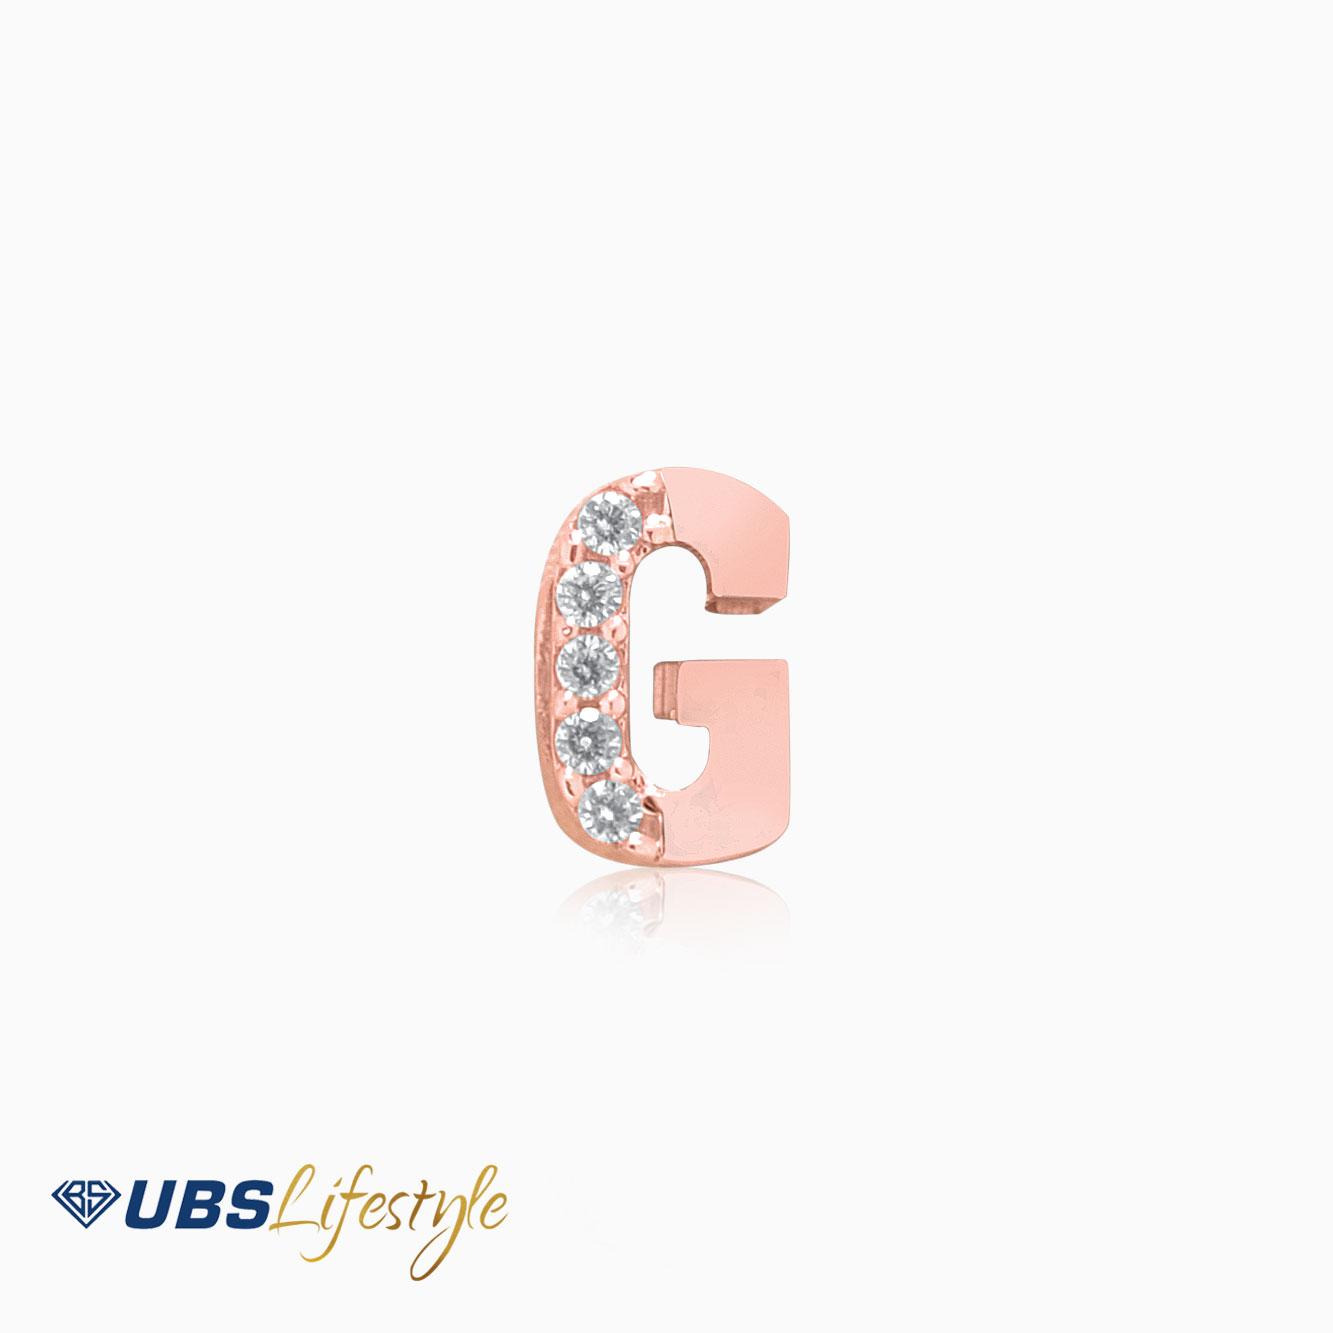 LIONTIN EMAS UBS G